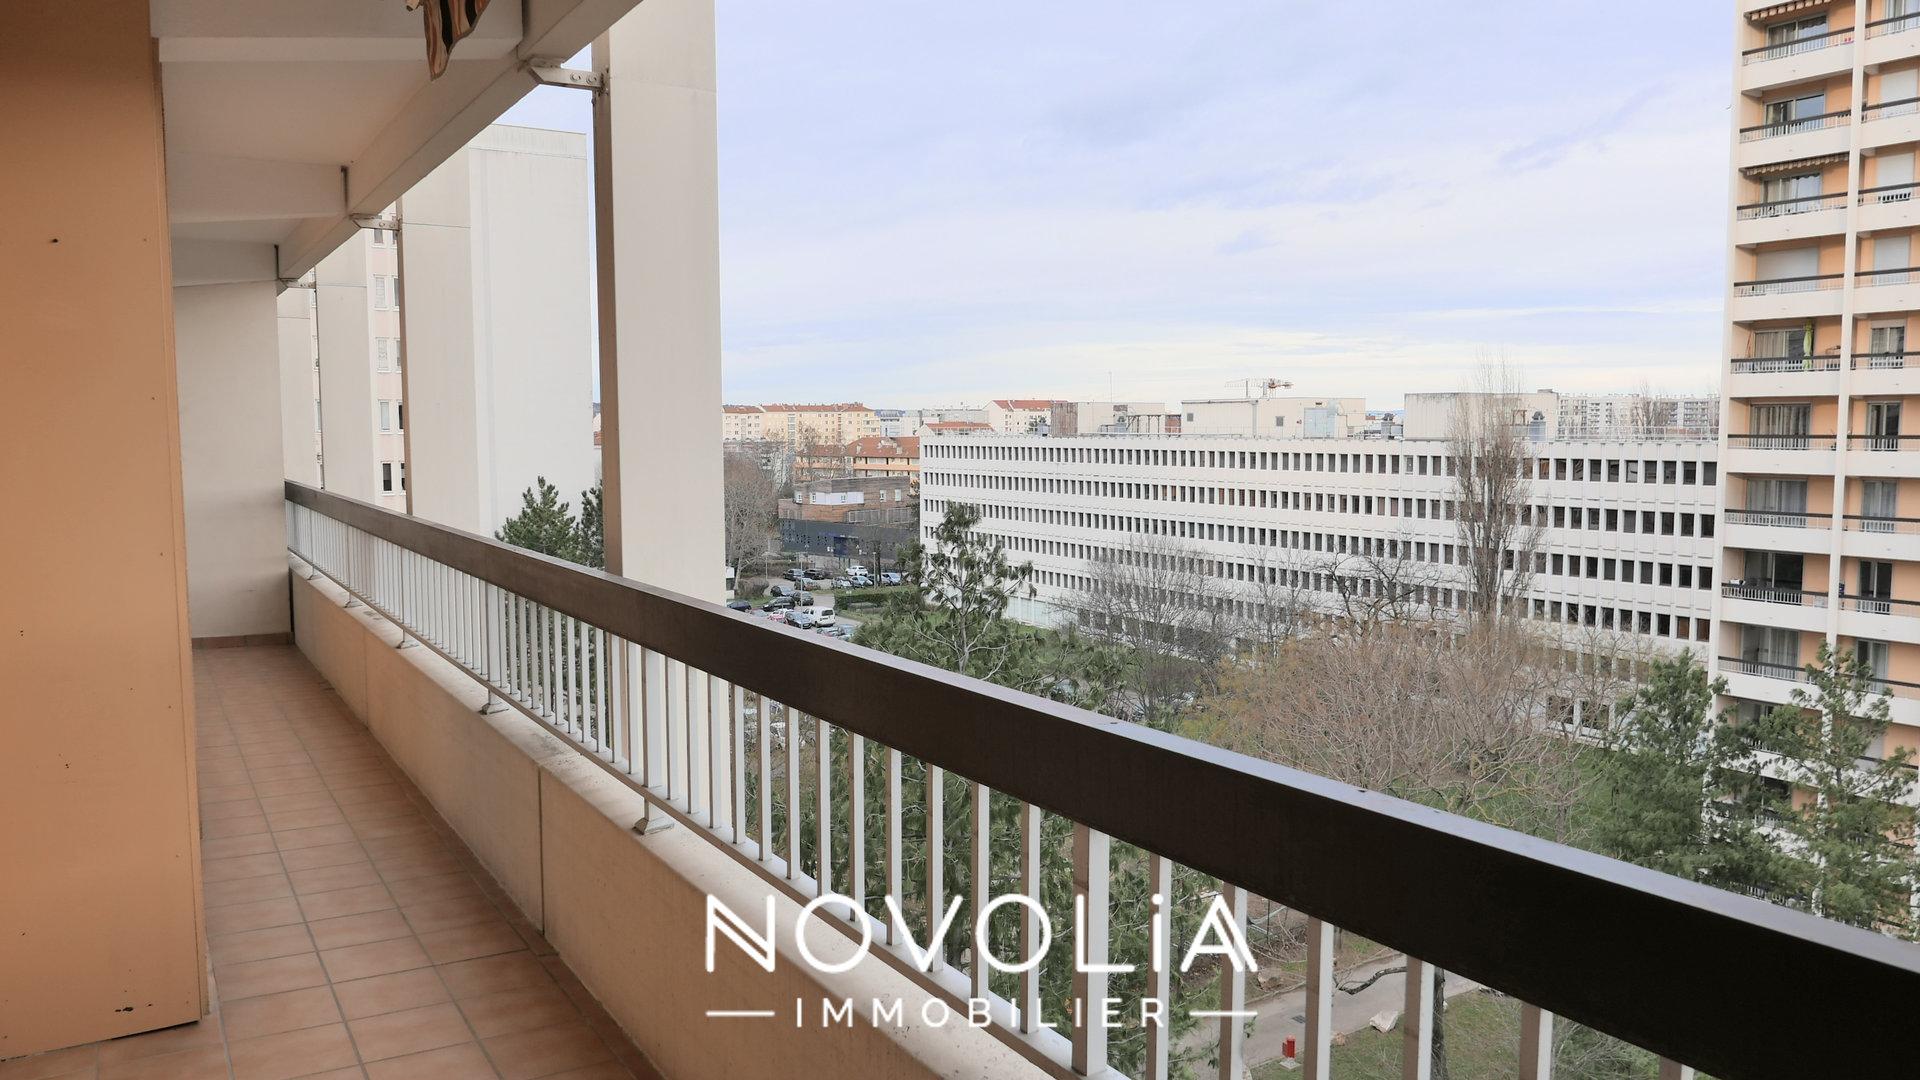 Achat Appartement, Surface de 68.98 m²/ Total carrez : 68.98 m², 3 pièces, Villeurbanne (69100)